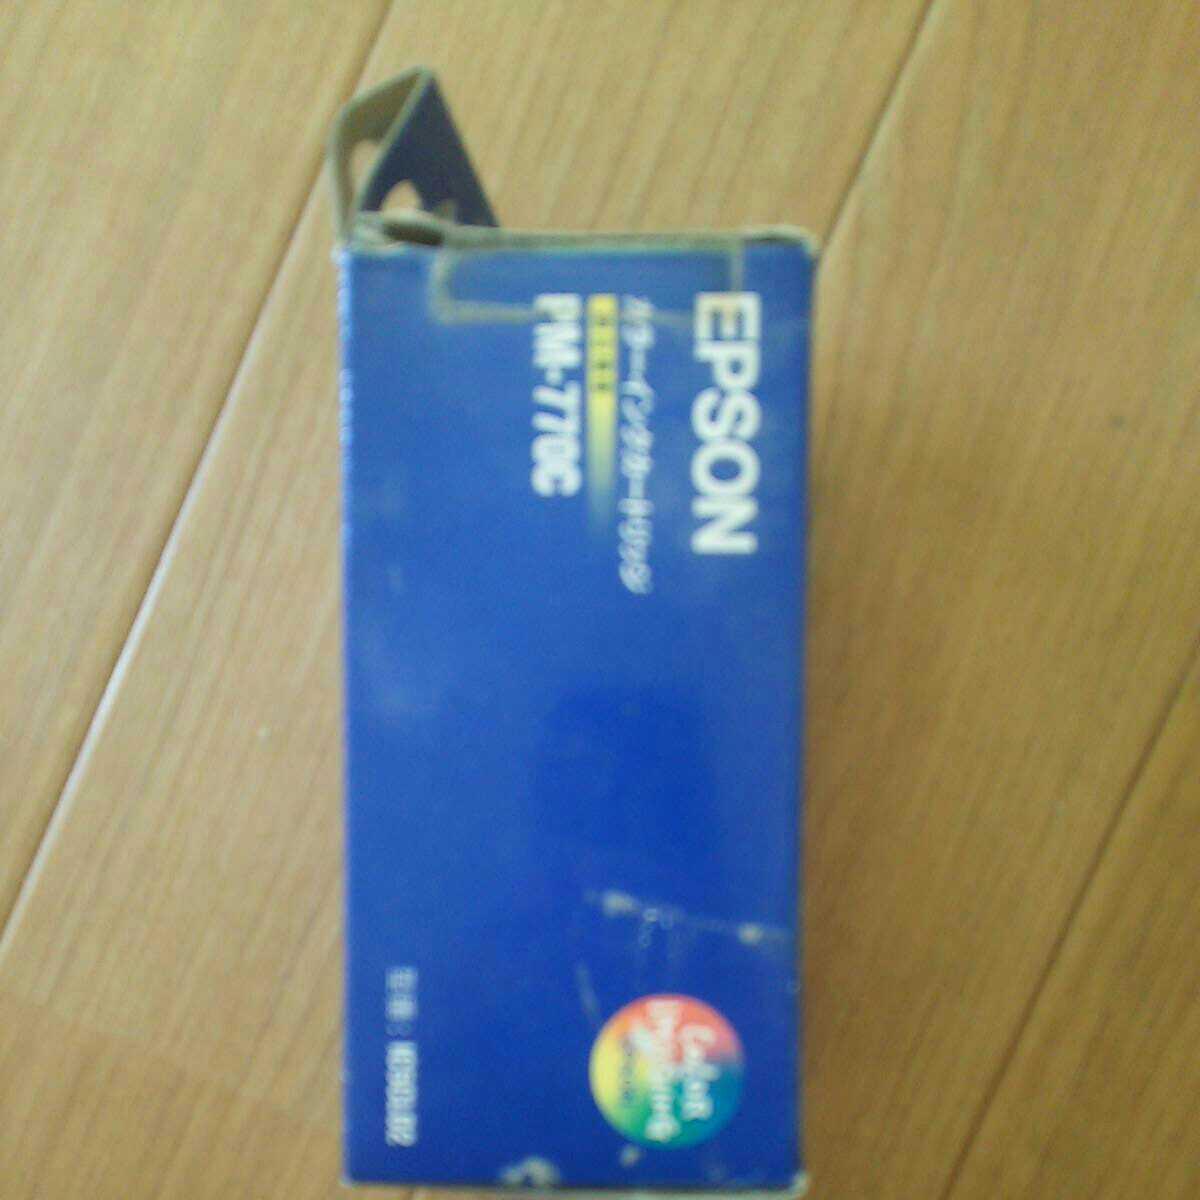 EPSON インクカートリッジ エプソン純正インク 期限切れ IC5CL02_画像4